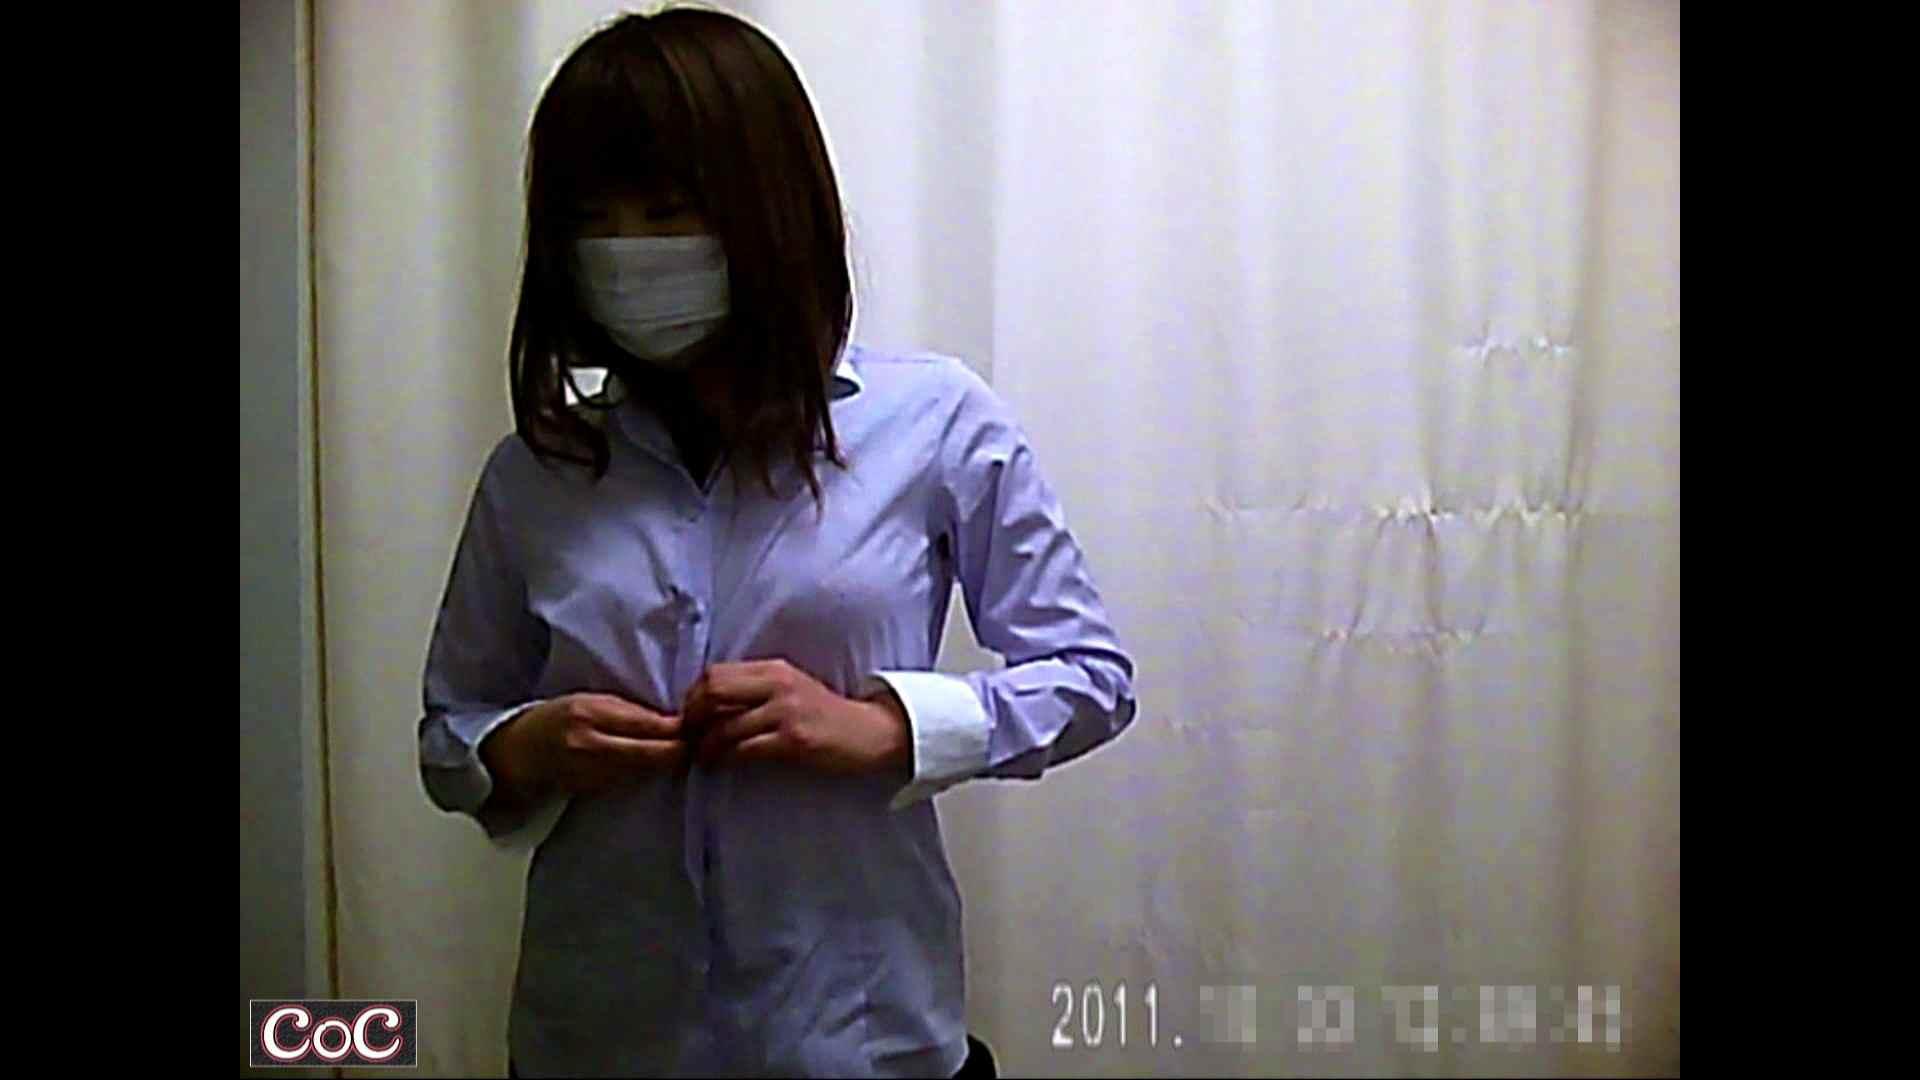 元医者による反抗 更衣室地獄絵巻 vol.248 OL  69pic 61